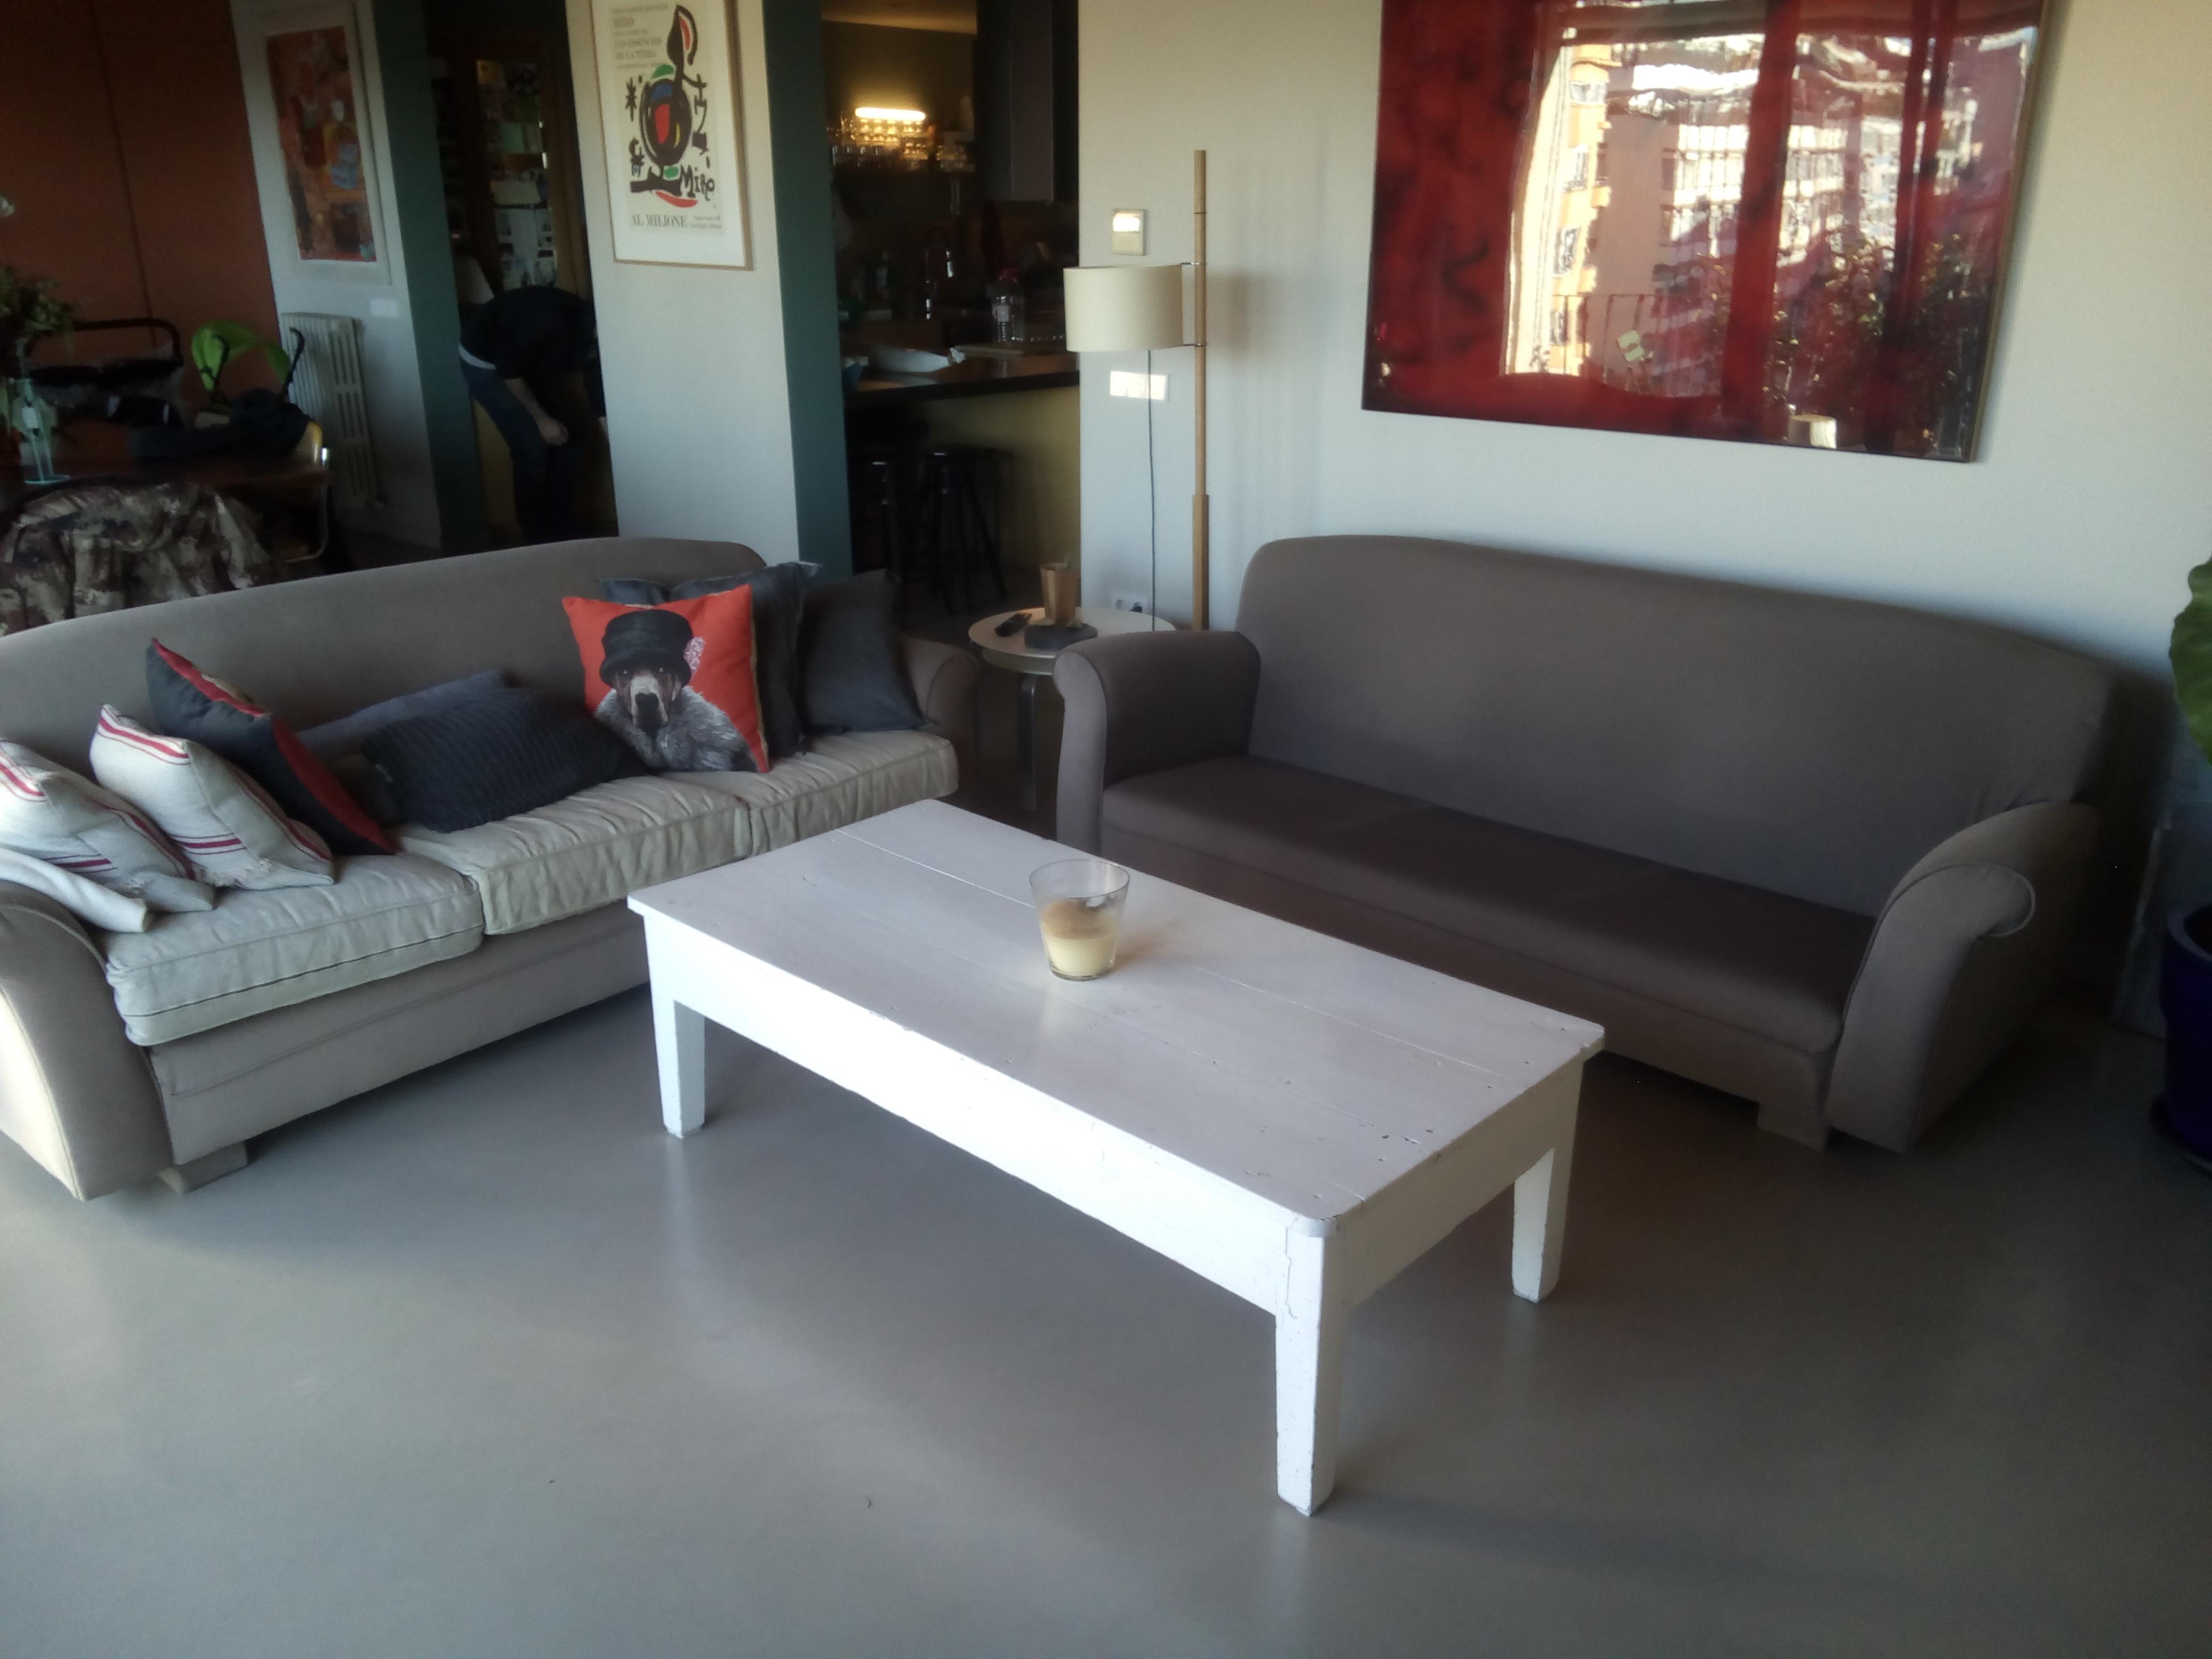 Limpieza de tapicer a a domicilio en barcelona tintorerias solanes - Limpieza de alfombras barcelona ...